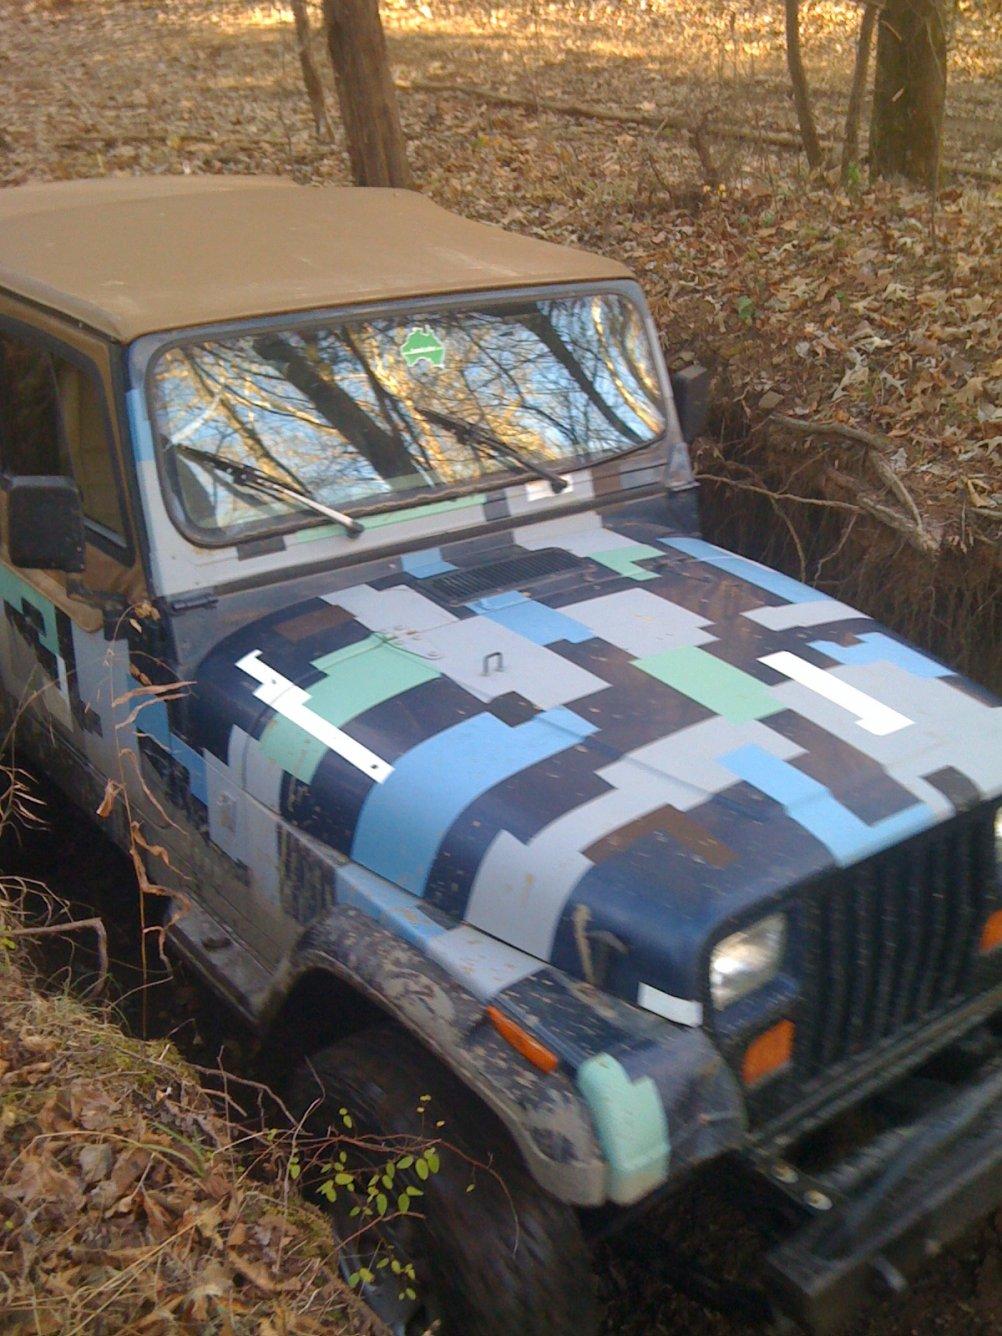 jeepin-12-11-10-068.jpg